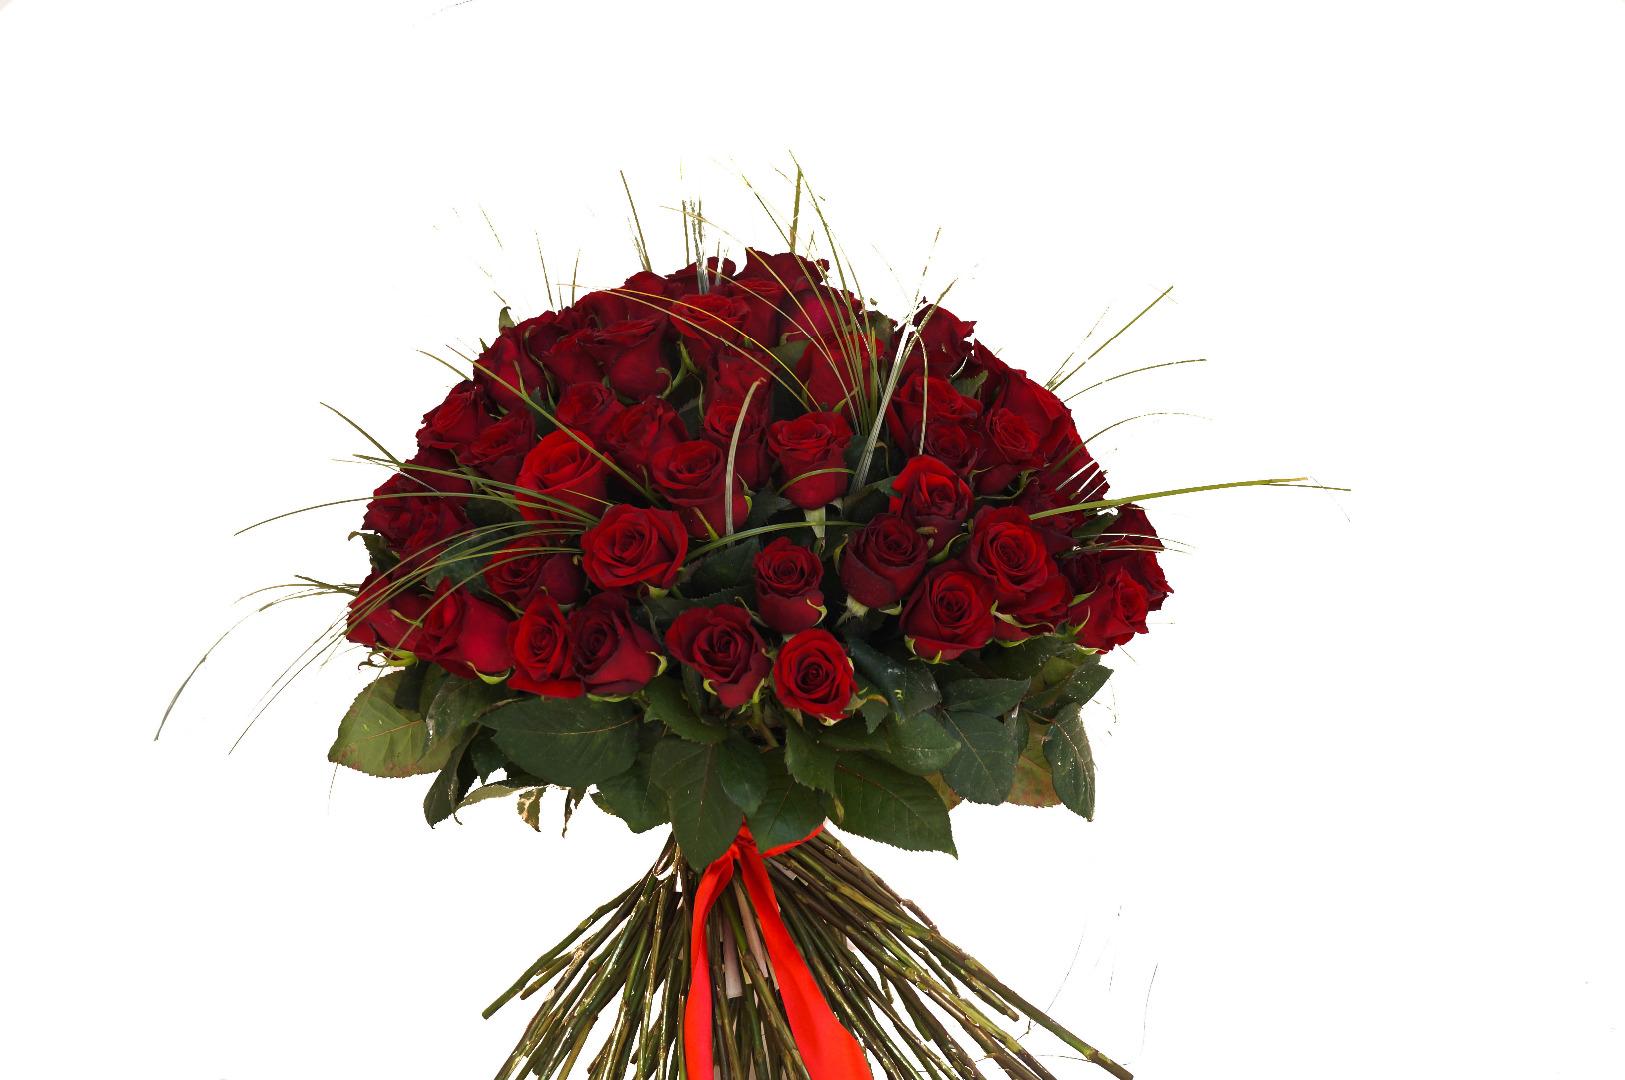 Купить цветы онлайн челябинске недорого, цветов